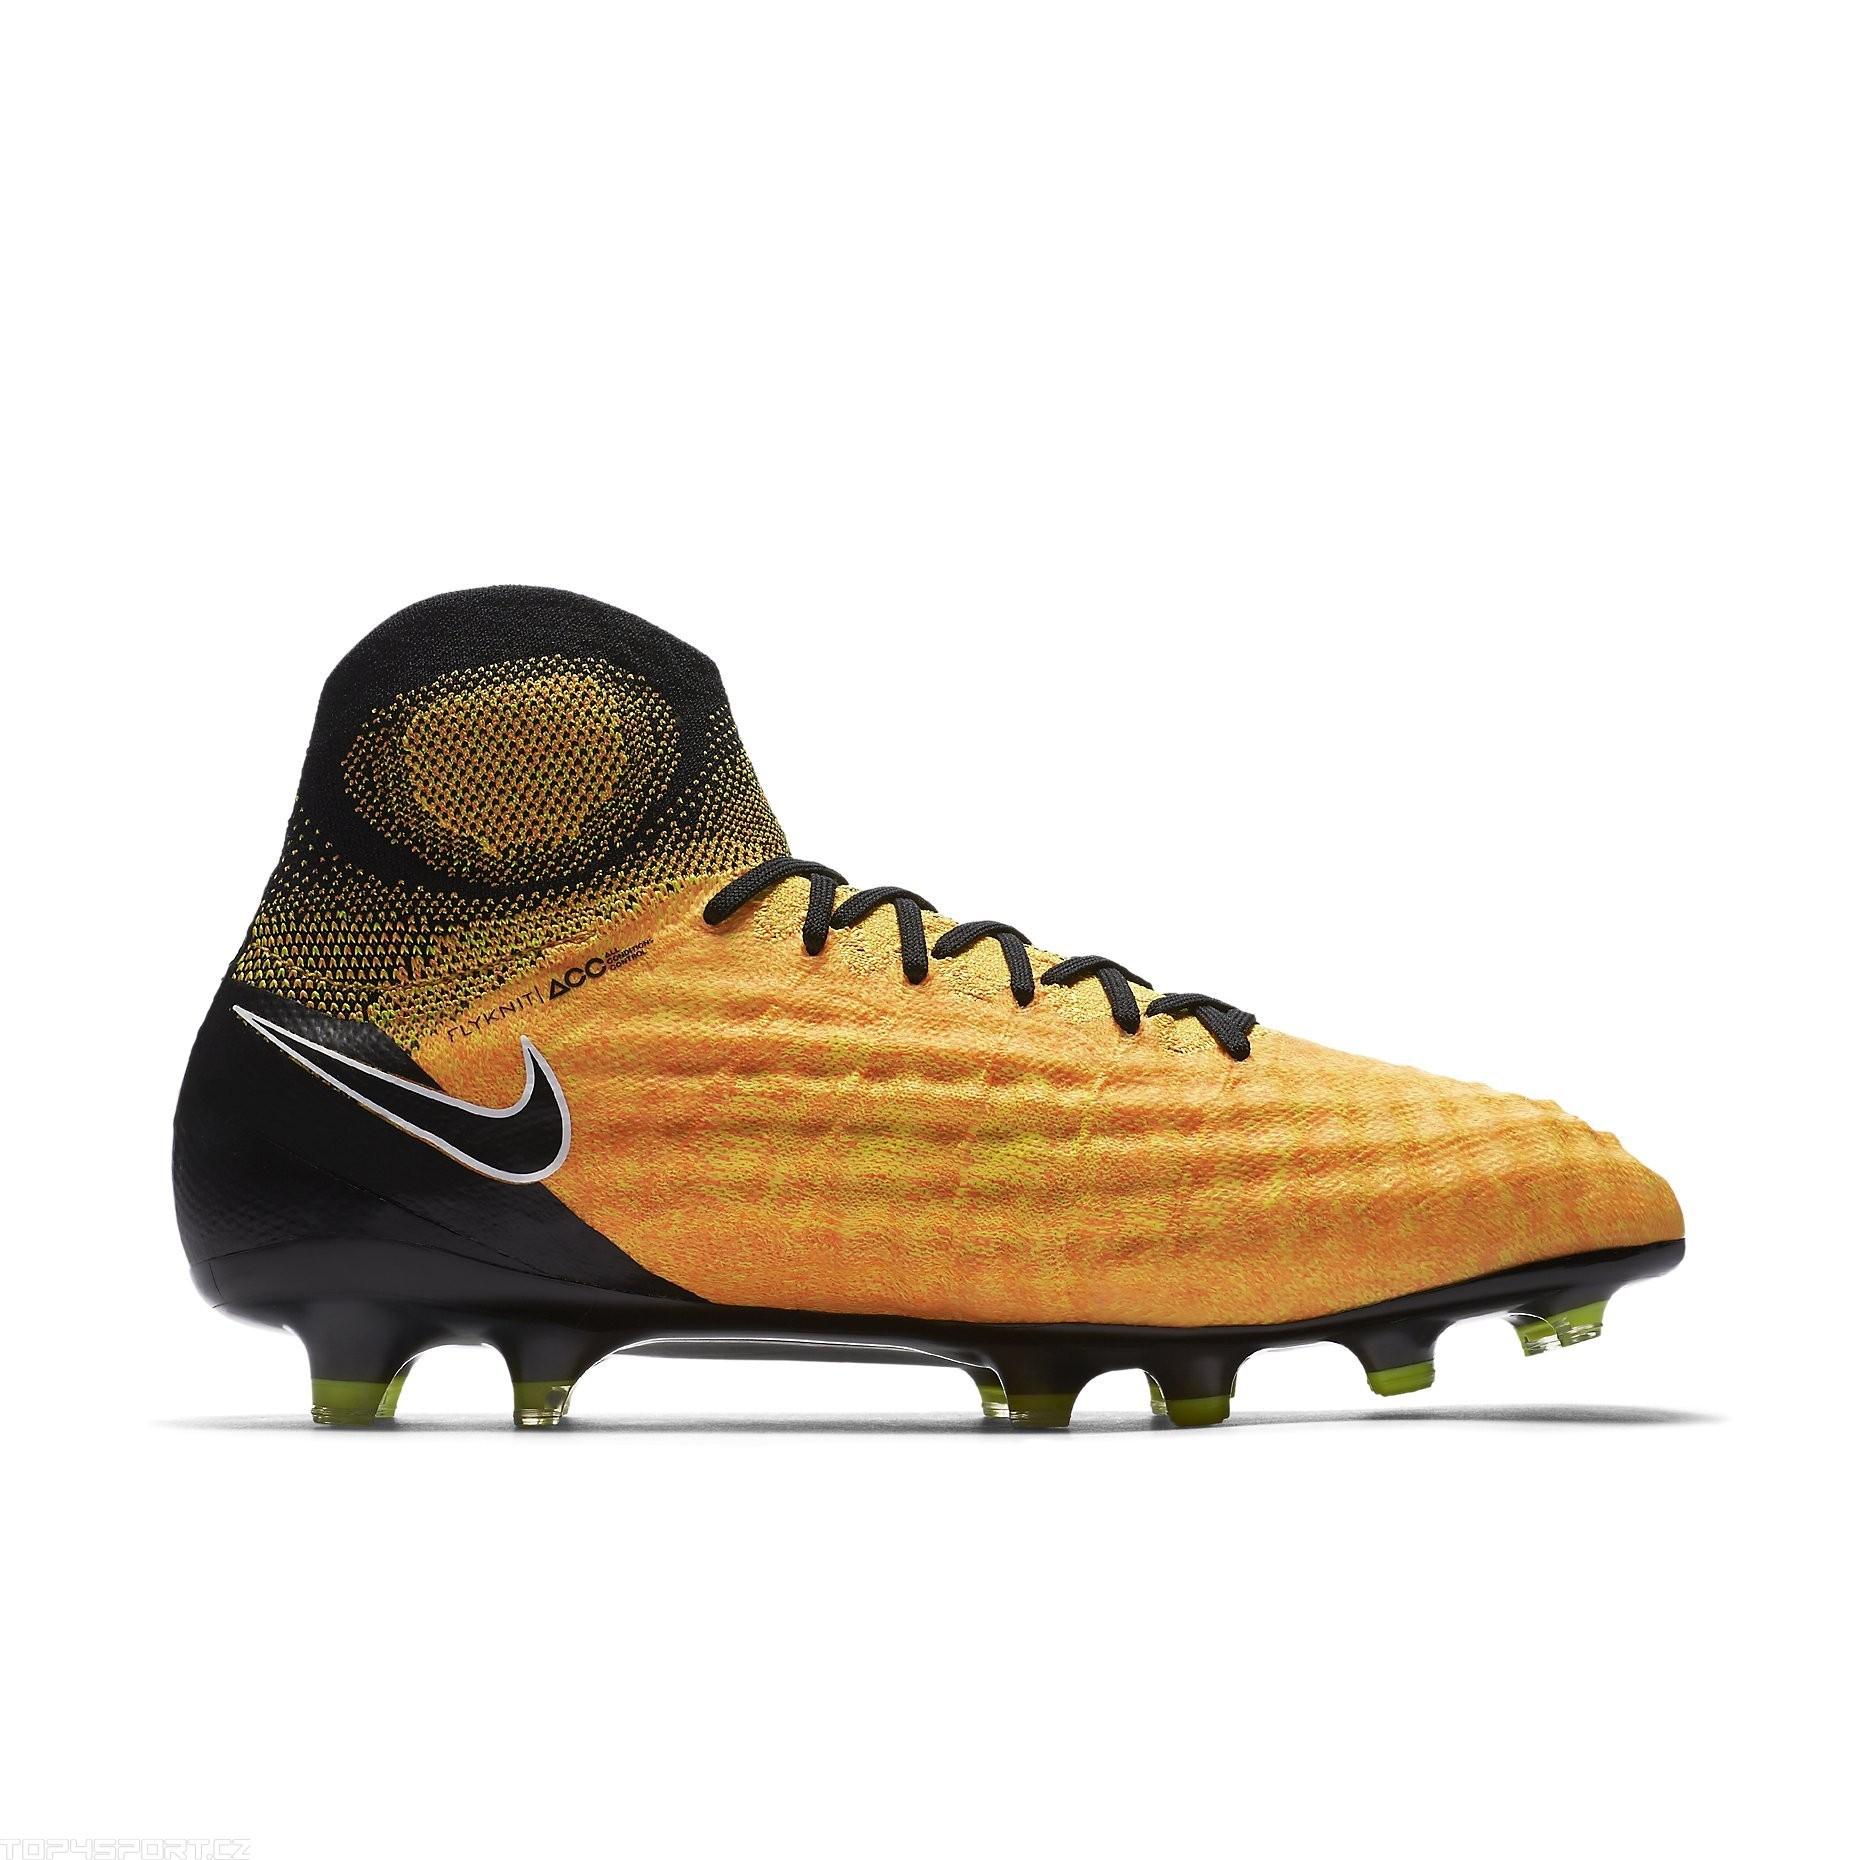 sneakers for cheap e1d19 cc028 ... blanco 62d72 5cca5; sweden botas de fÚtbol nike magista obra ii fg  hombre 844595 801 80562 cf853